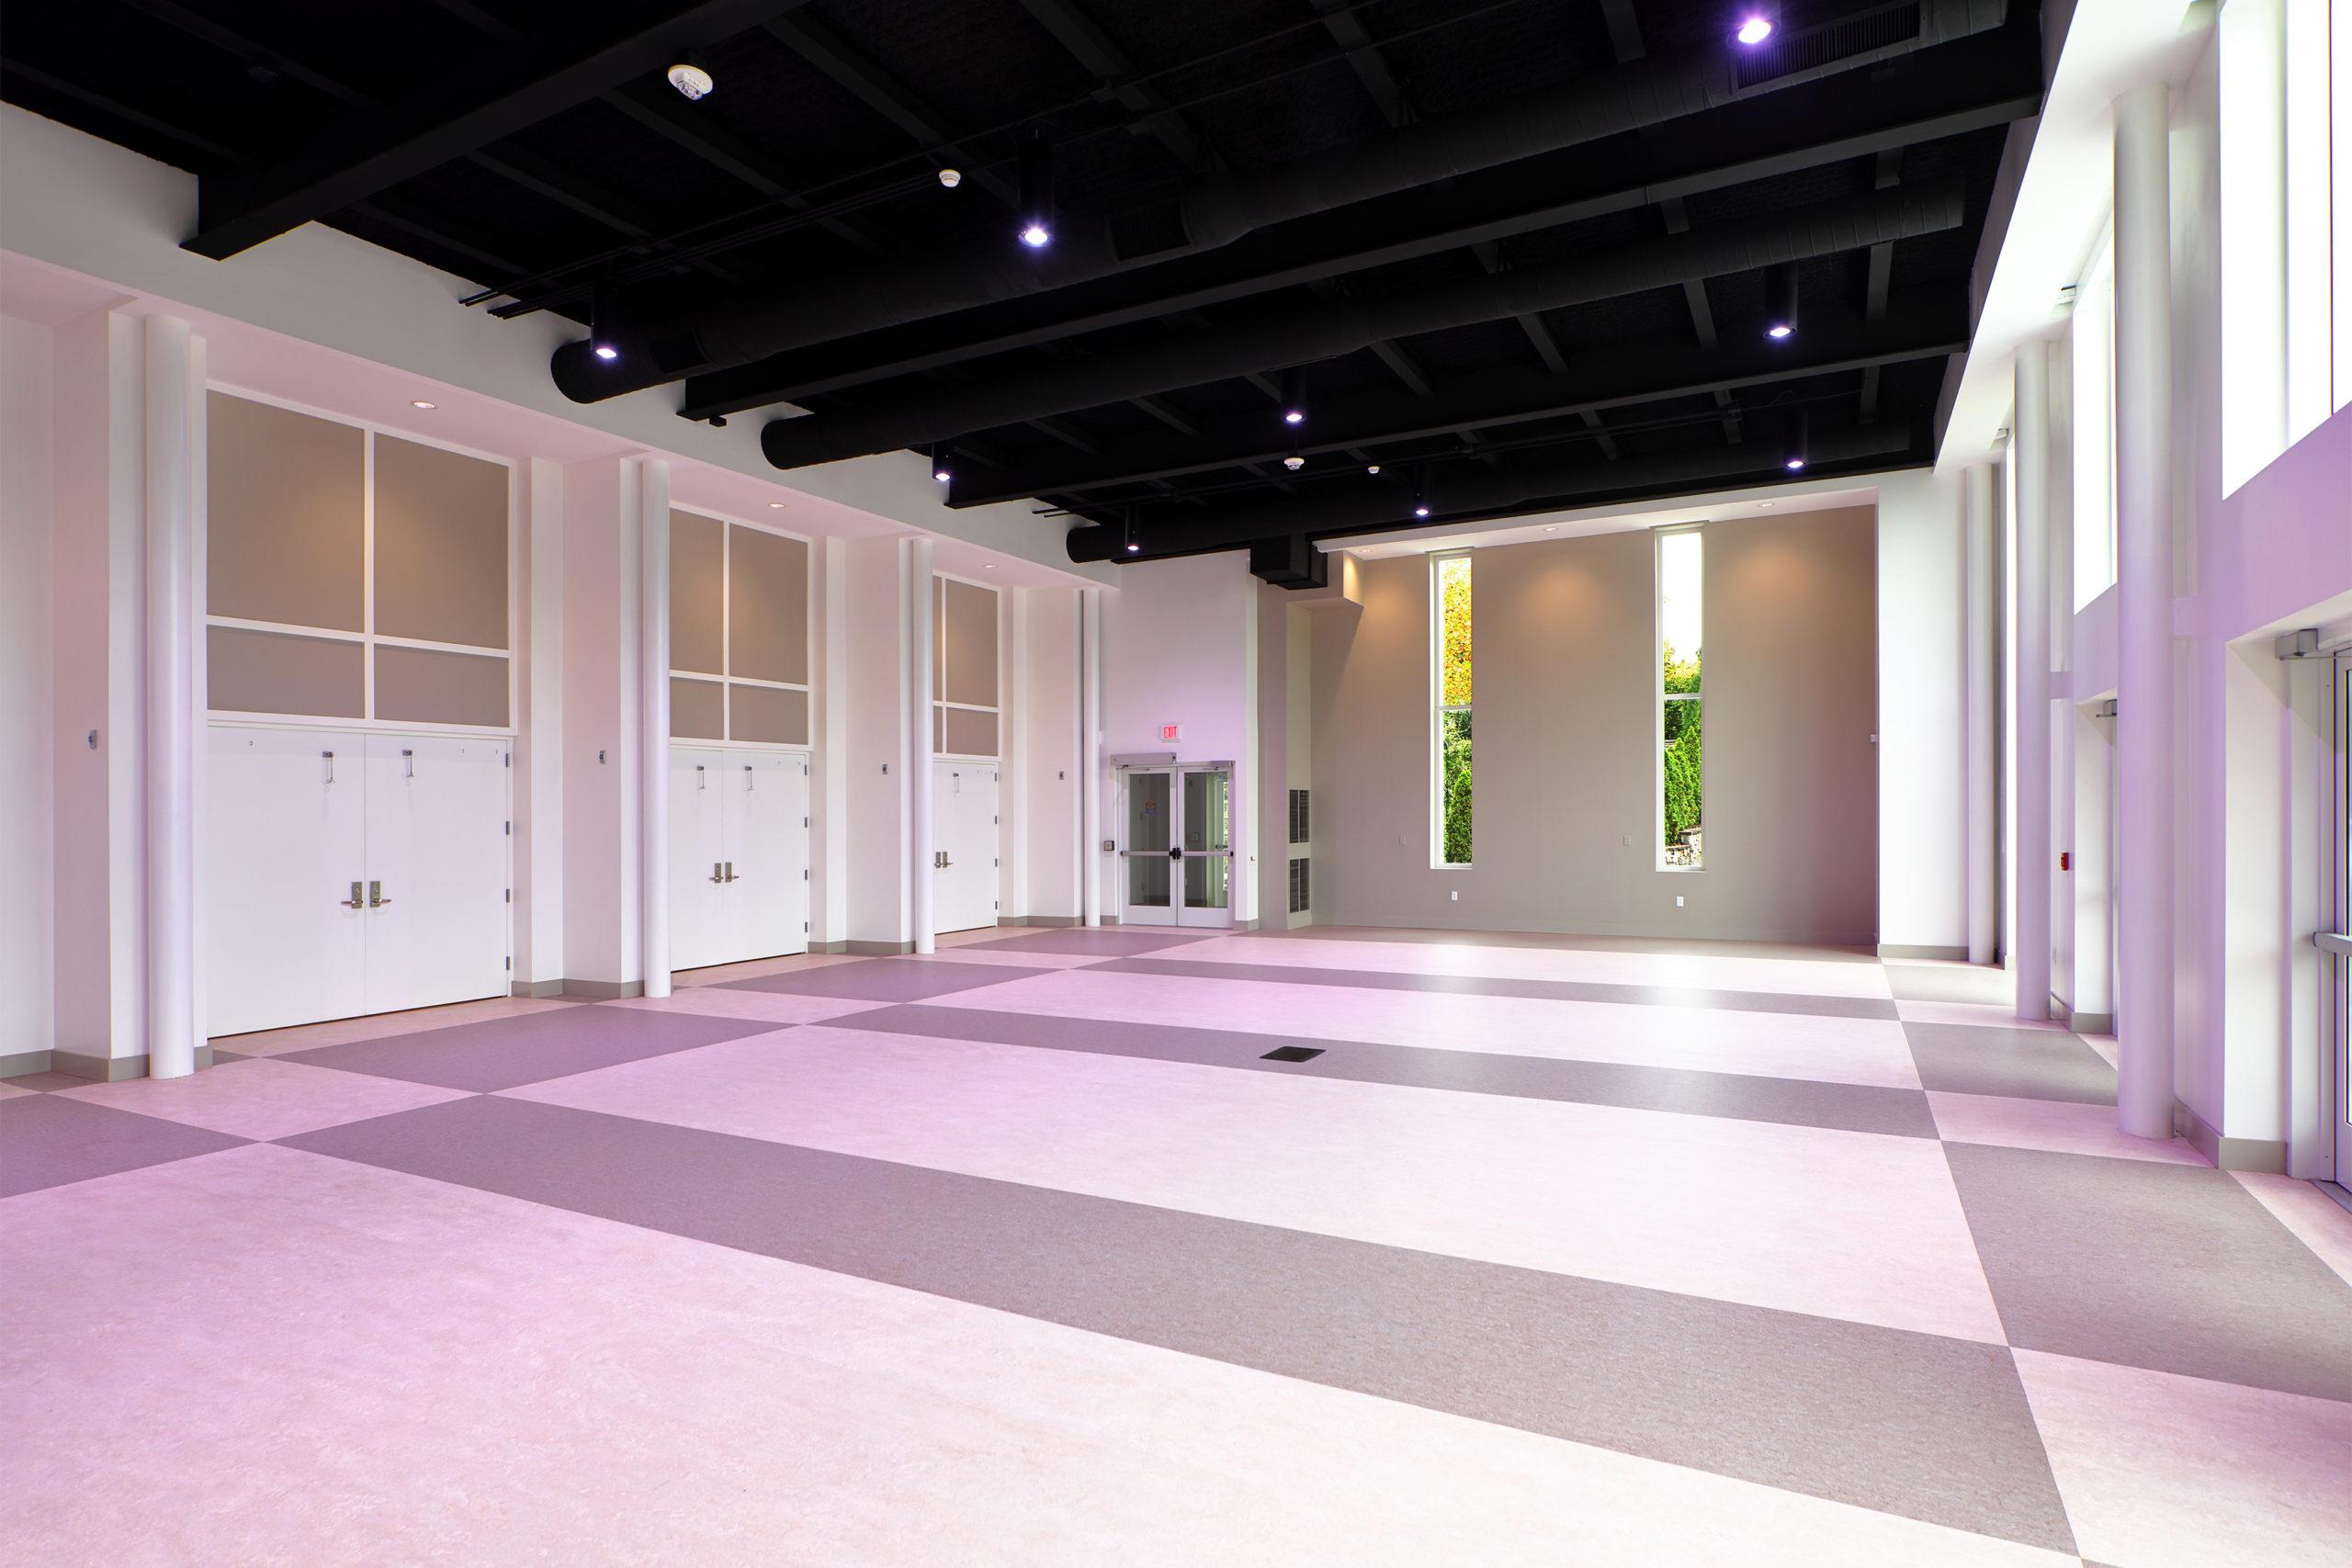 Interior multipurpose space